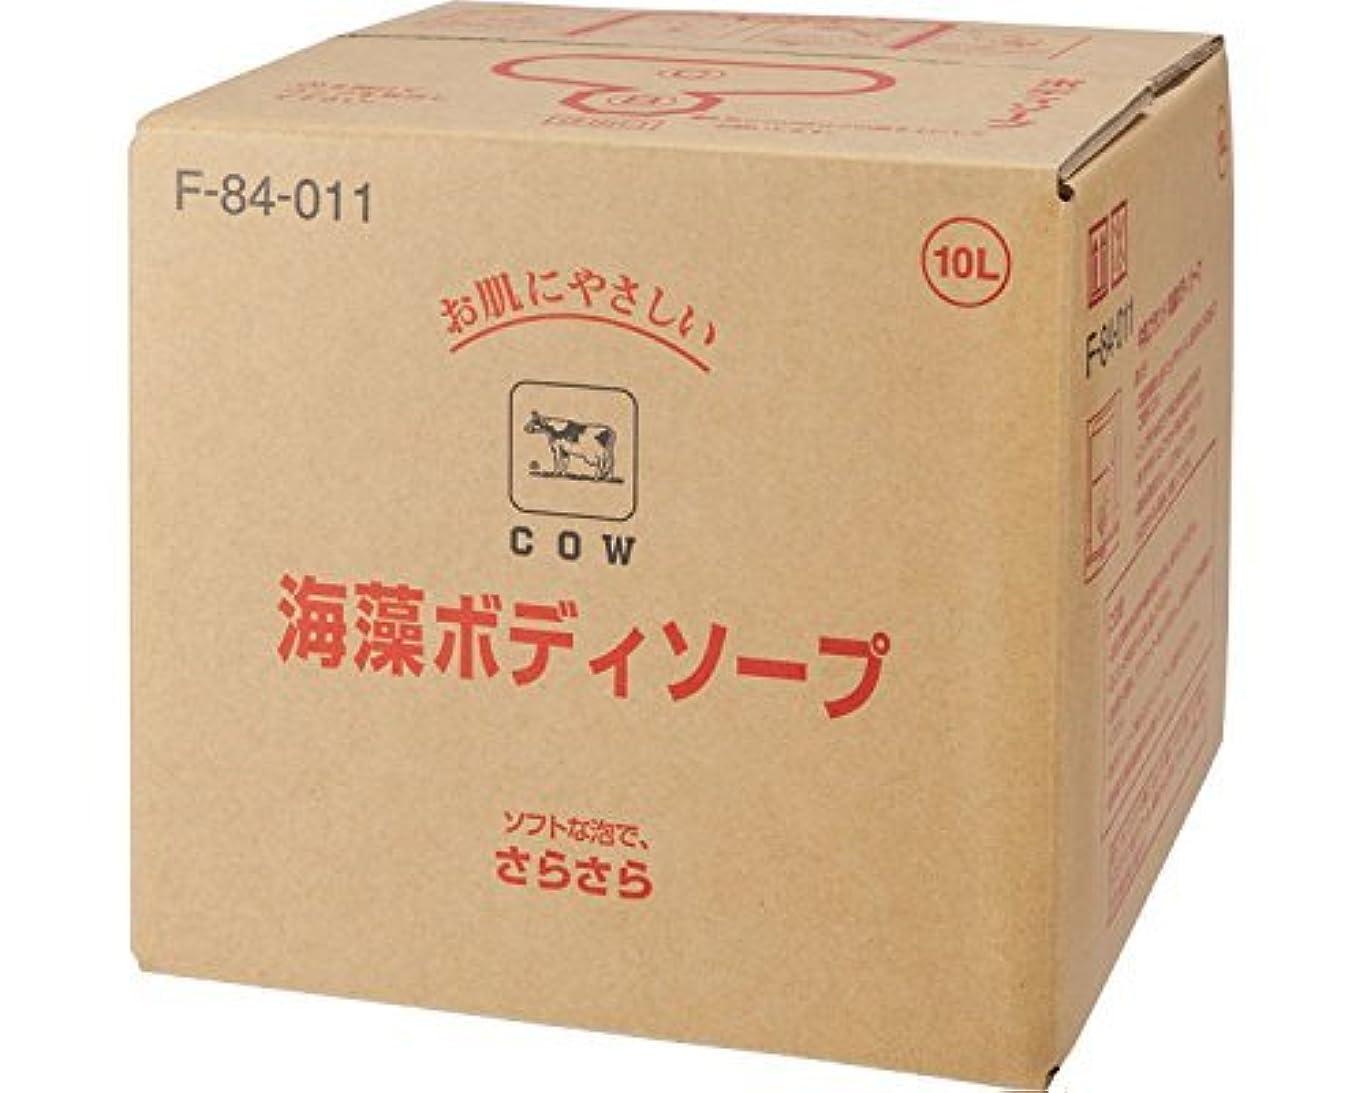 おなかがすいたグロー感染する牛乳ブランド 海藻ボディソープ /  10L F-84-011 【牛乳石鹸】 【清拭小物】